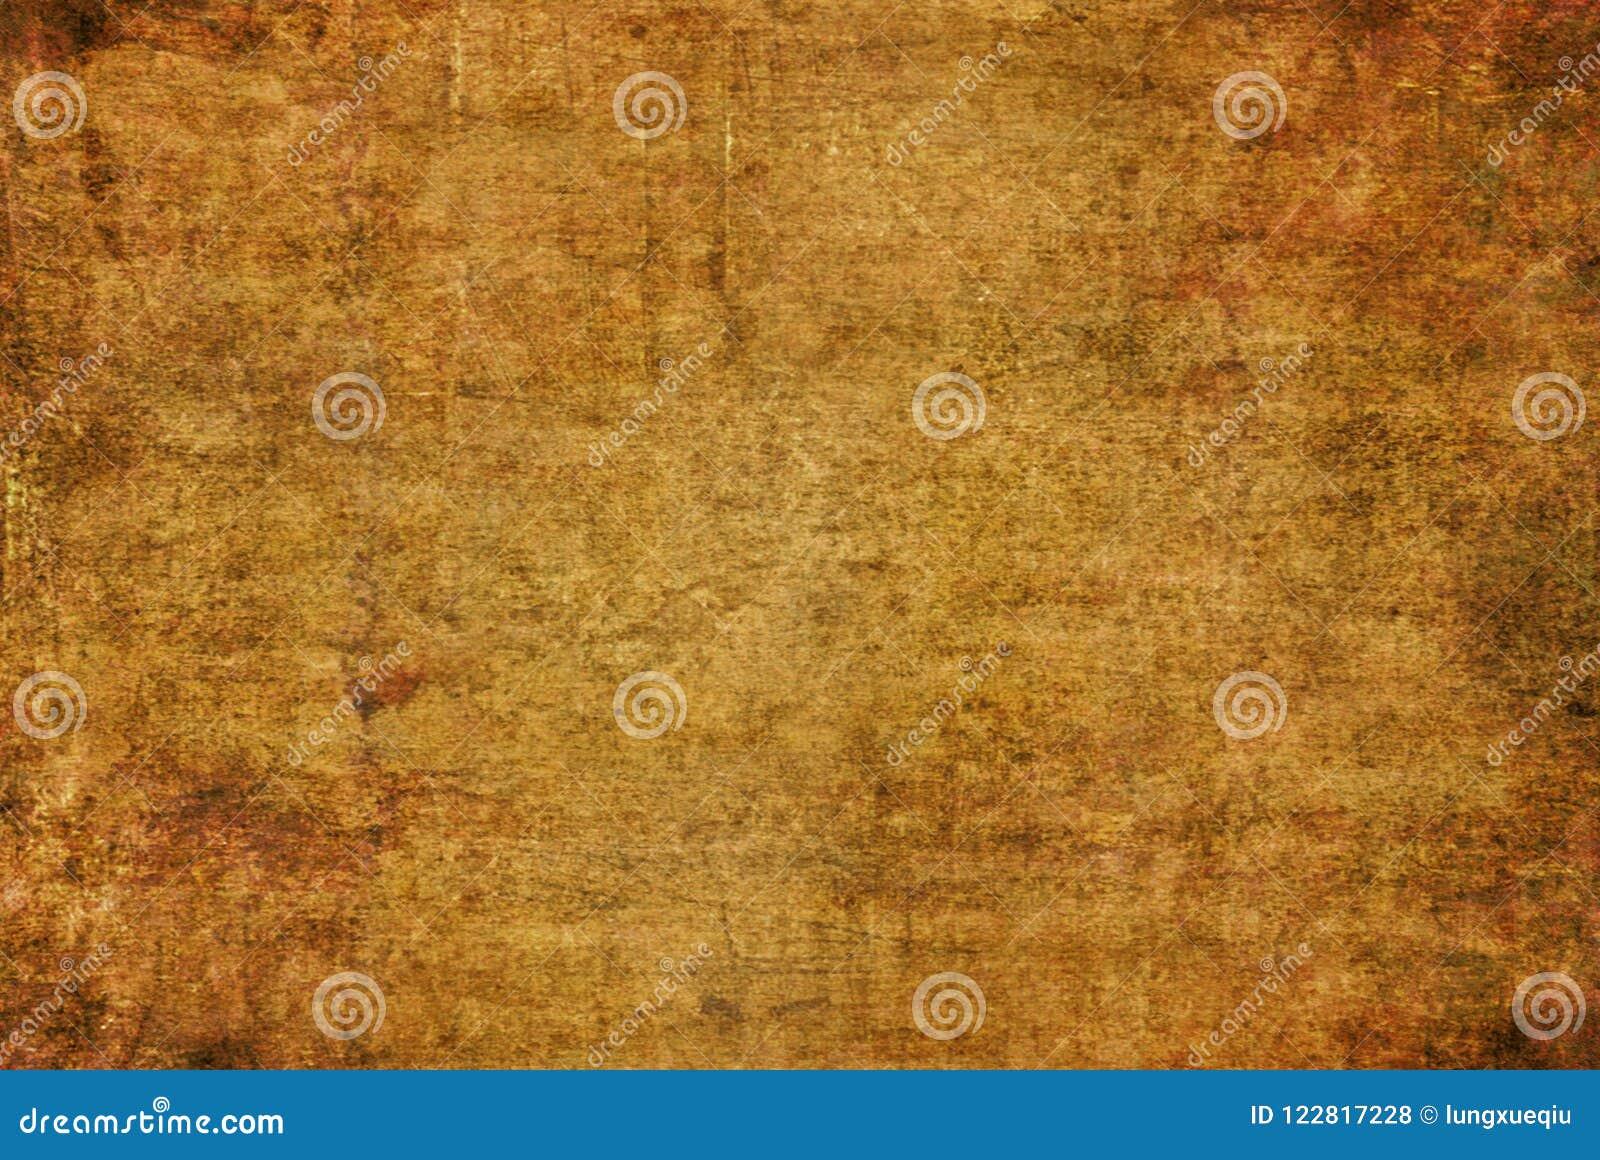 Modèle criqué jaune foncé grunge Autumn Background Wallpaper de texture de peinture de toile de Brown Rusty Distorted Decay Old A